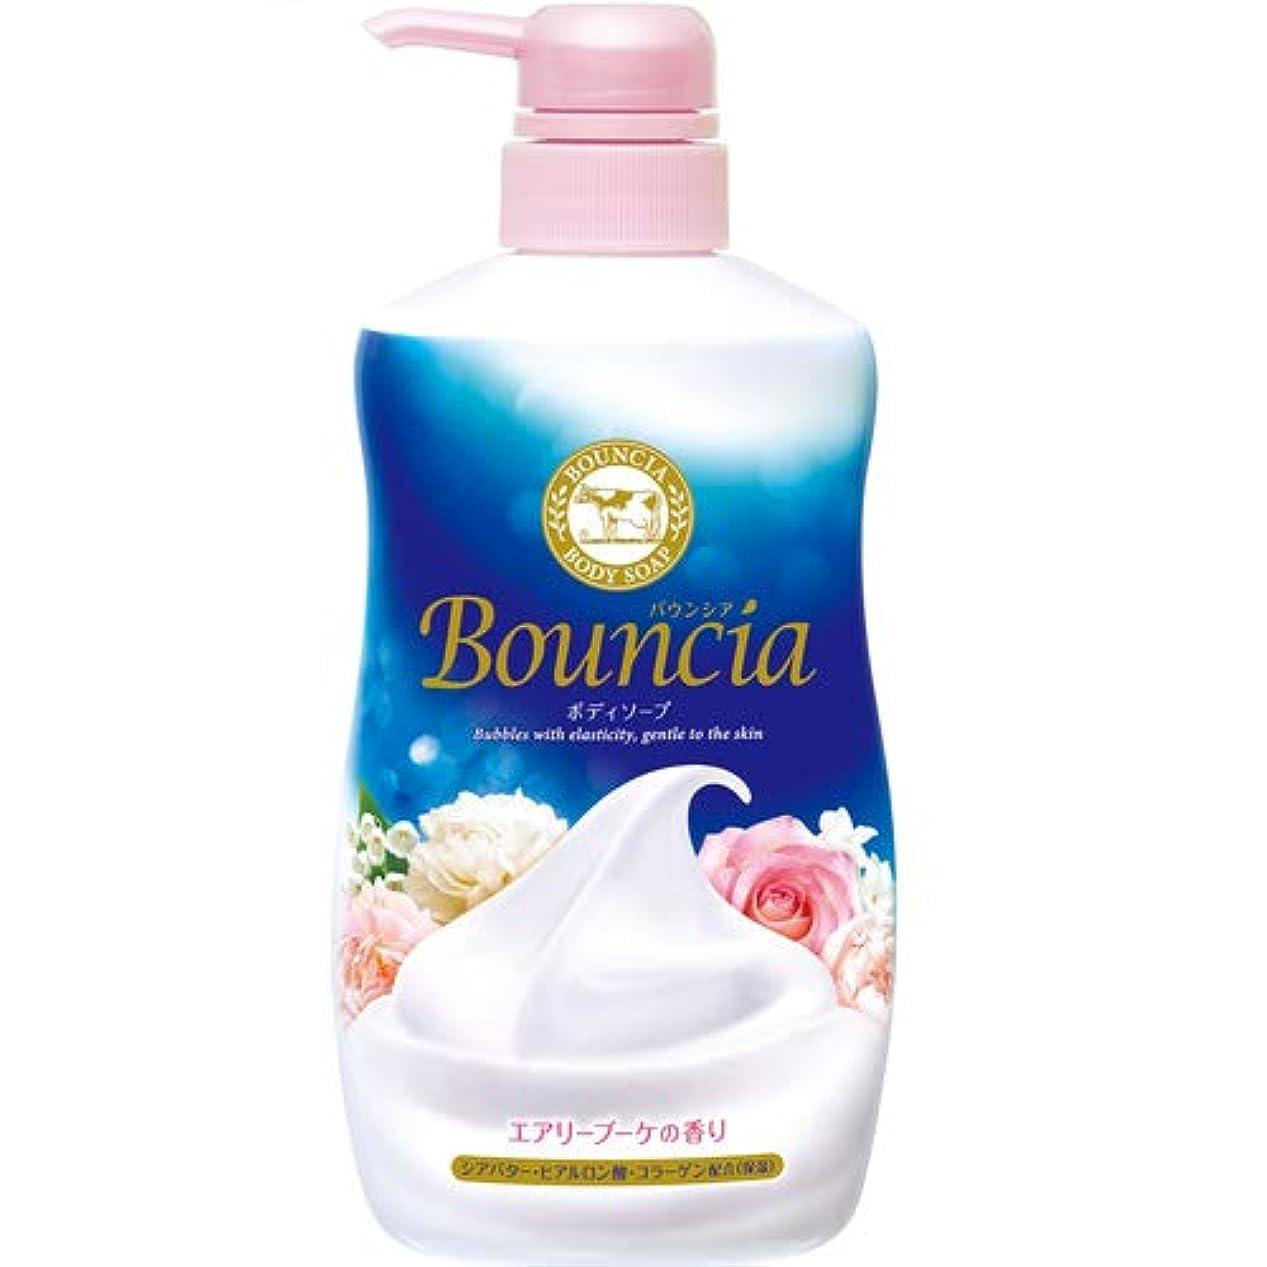 倒産和らげるアルプスバウンシア ボディソープ エアリーブーケの香り ポンプ付 500mL